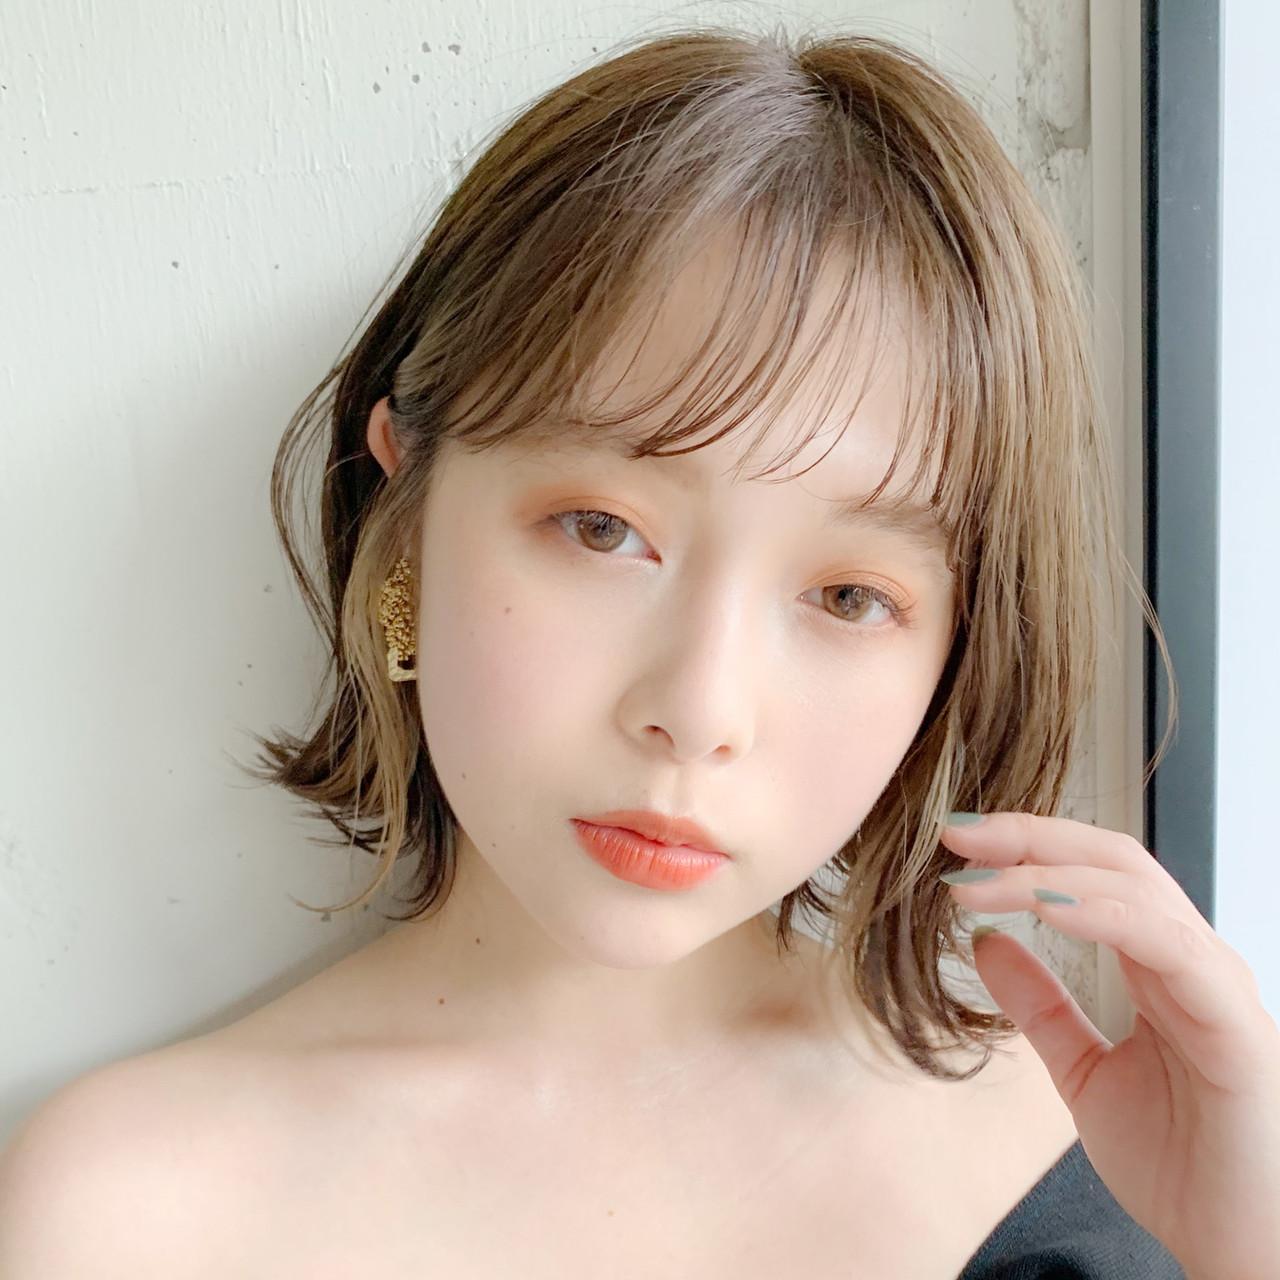 ナチュラル パーティ スポーツ デート ヘアスタイルや髪型の写真・画像 | Natsuko Kodama 児玉奈都子 / dydi